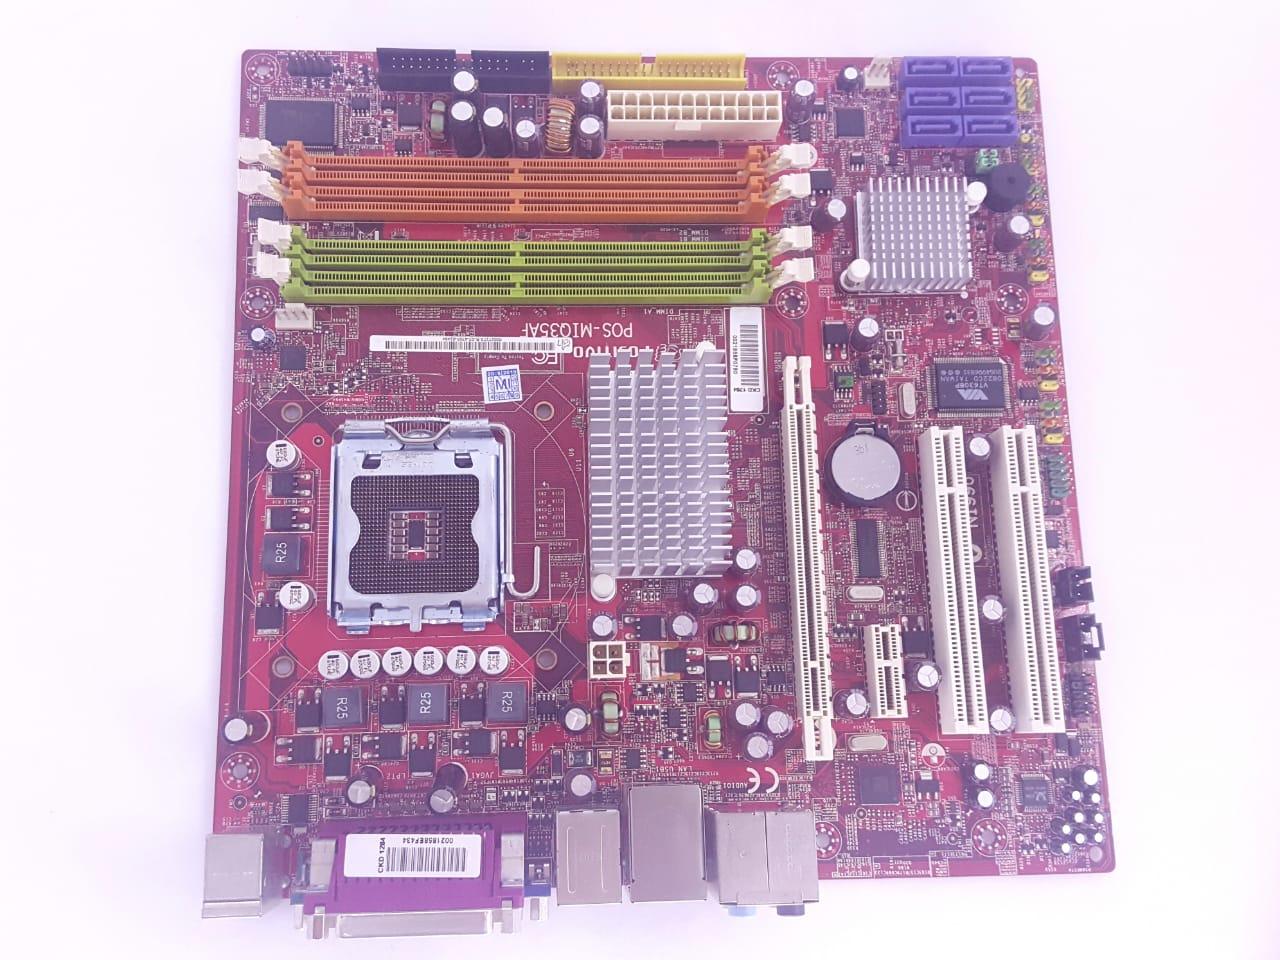 Placa mãe DDR 2 POS- MIQ 35 A 775 Positivo MSI